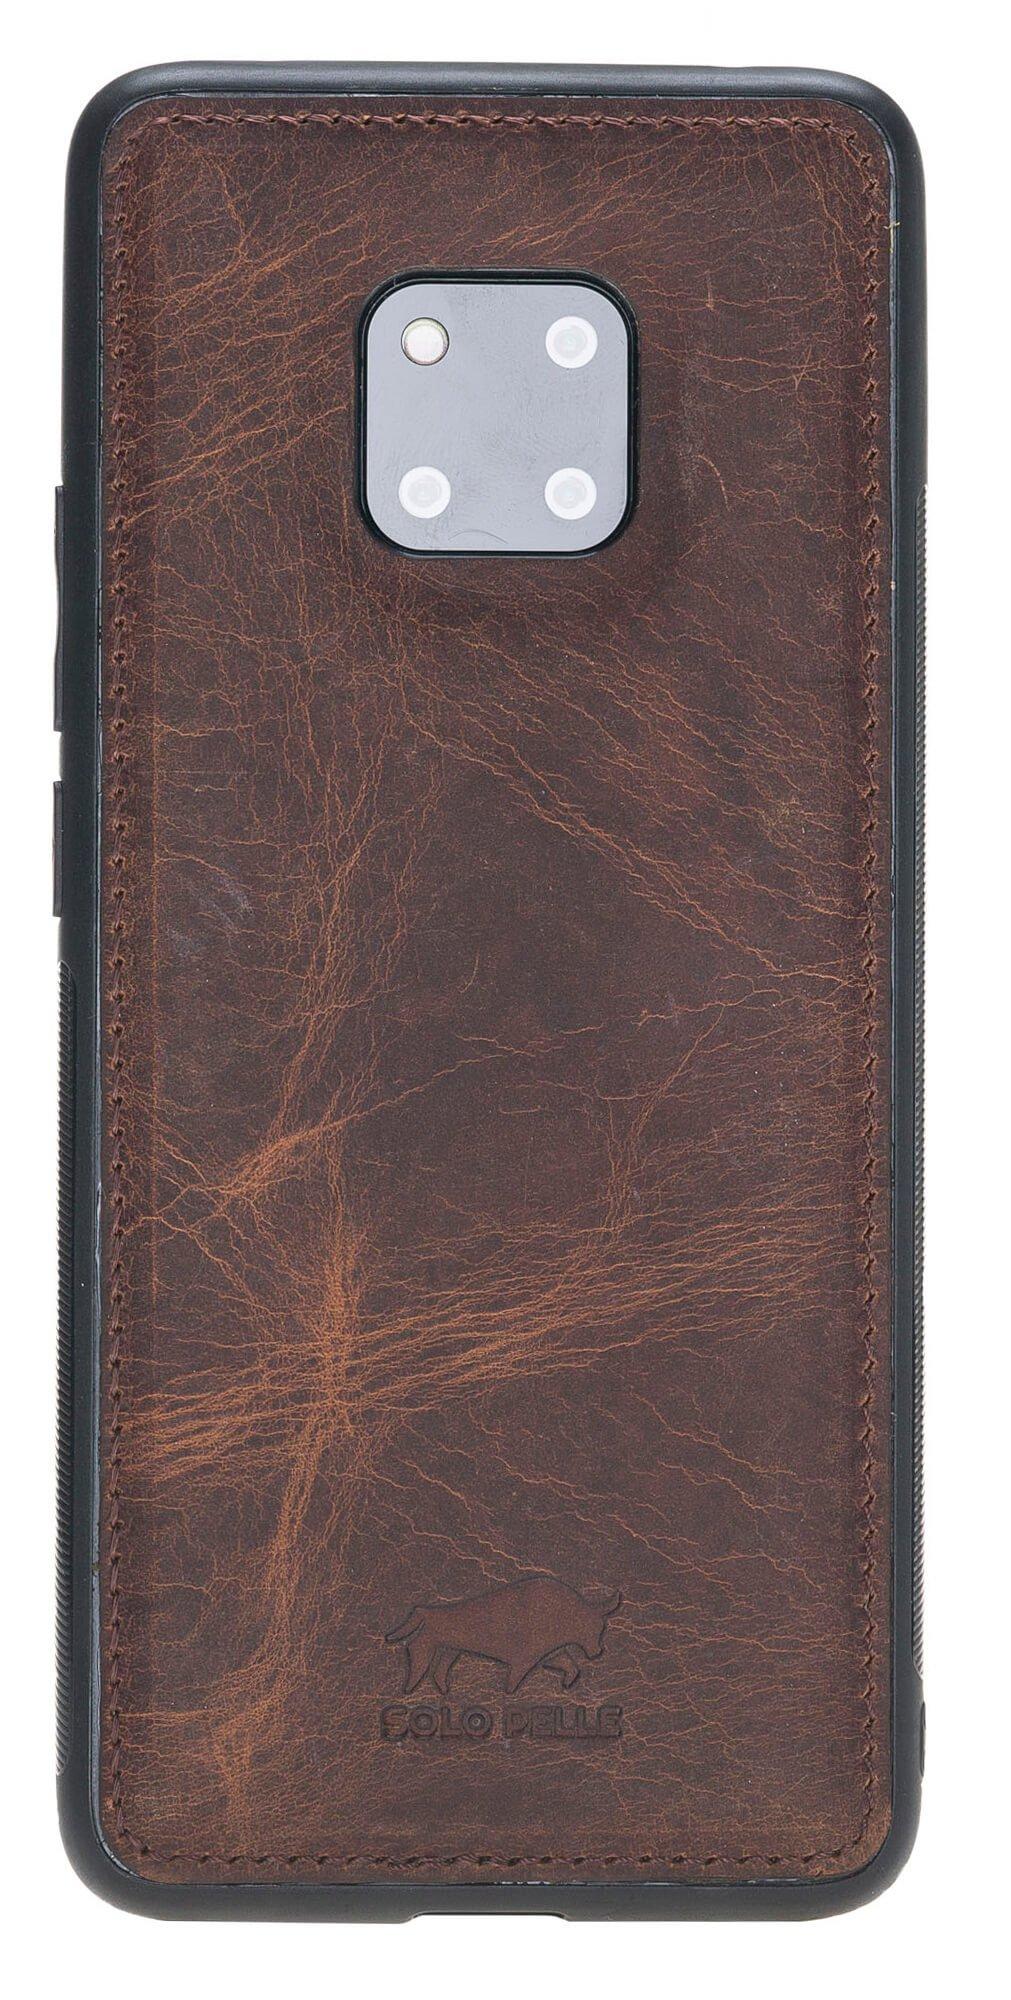 Lederhülle für das Huawei Mate 20 Pro aus echtem Leder in Vintage Braun